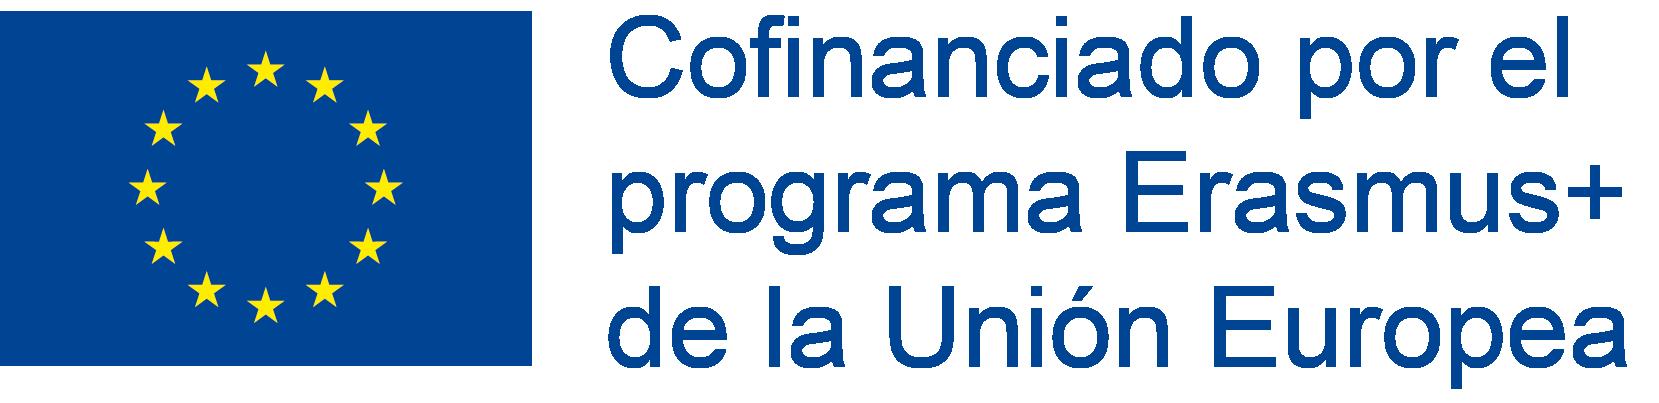 Cofinanciado por Erasmus+